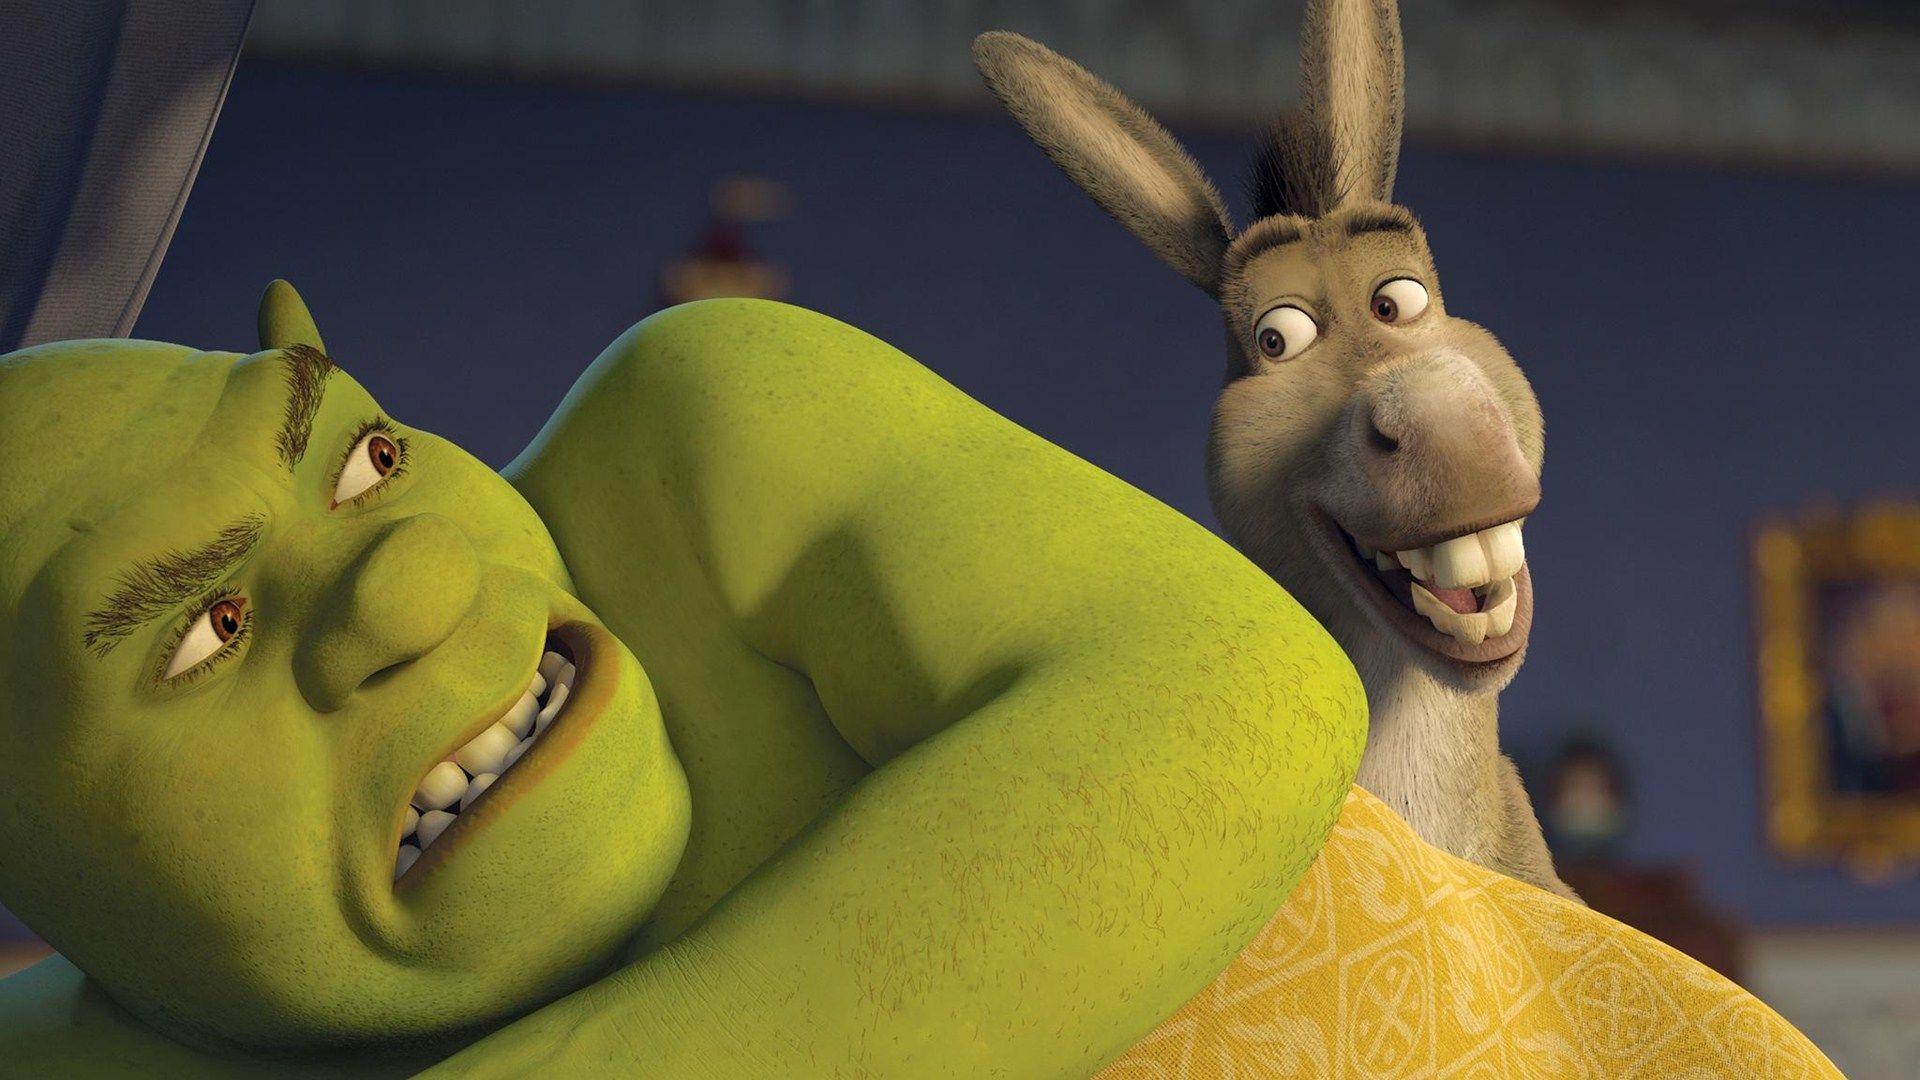 Shrek Background Https Wallpapersko Com Shrek Background Html Background Shrek Hd Wallpapers Download Shrek Shrek Memes Happy New Year Funny